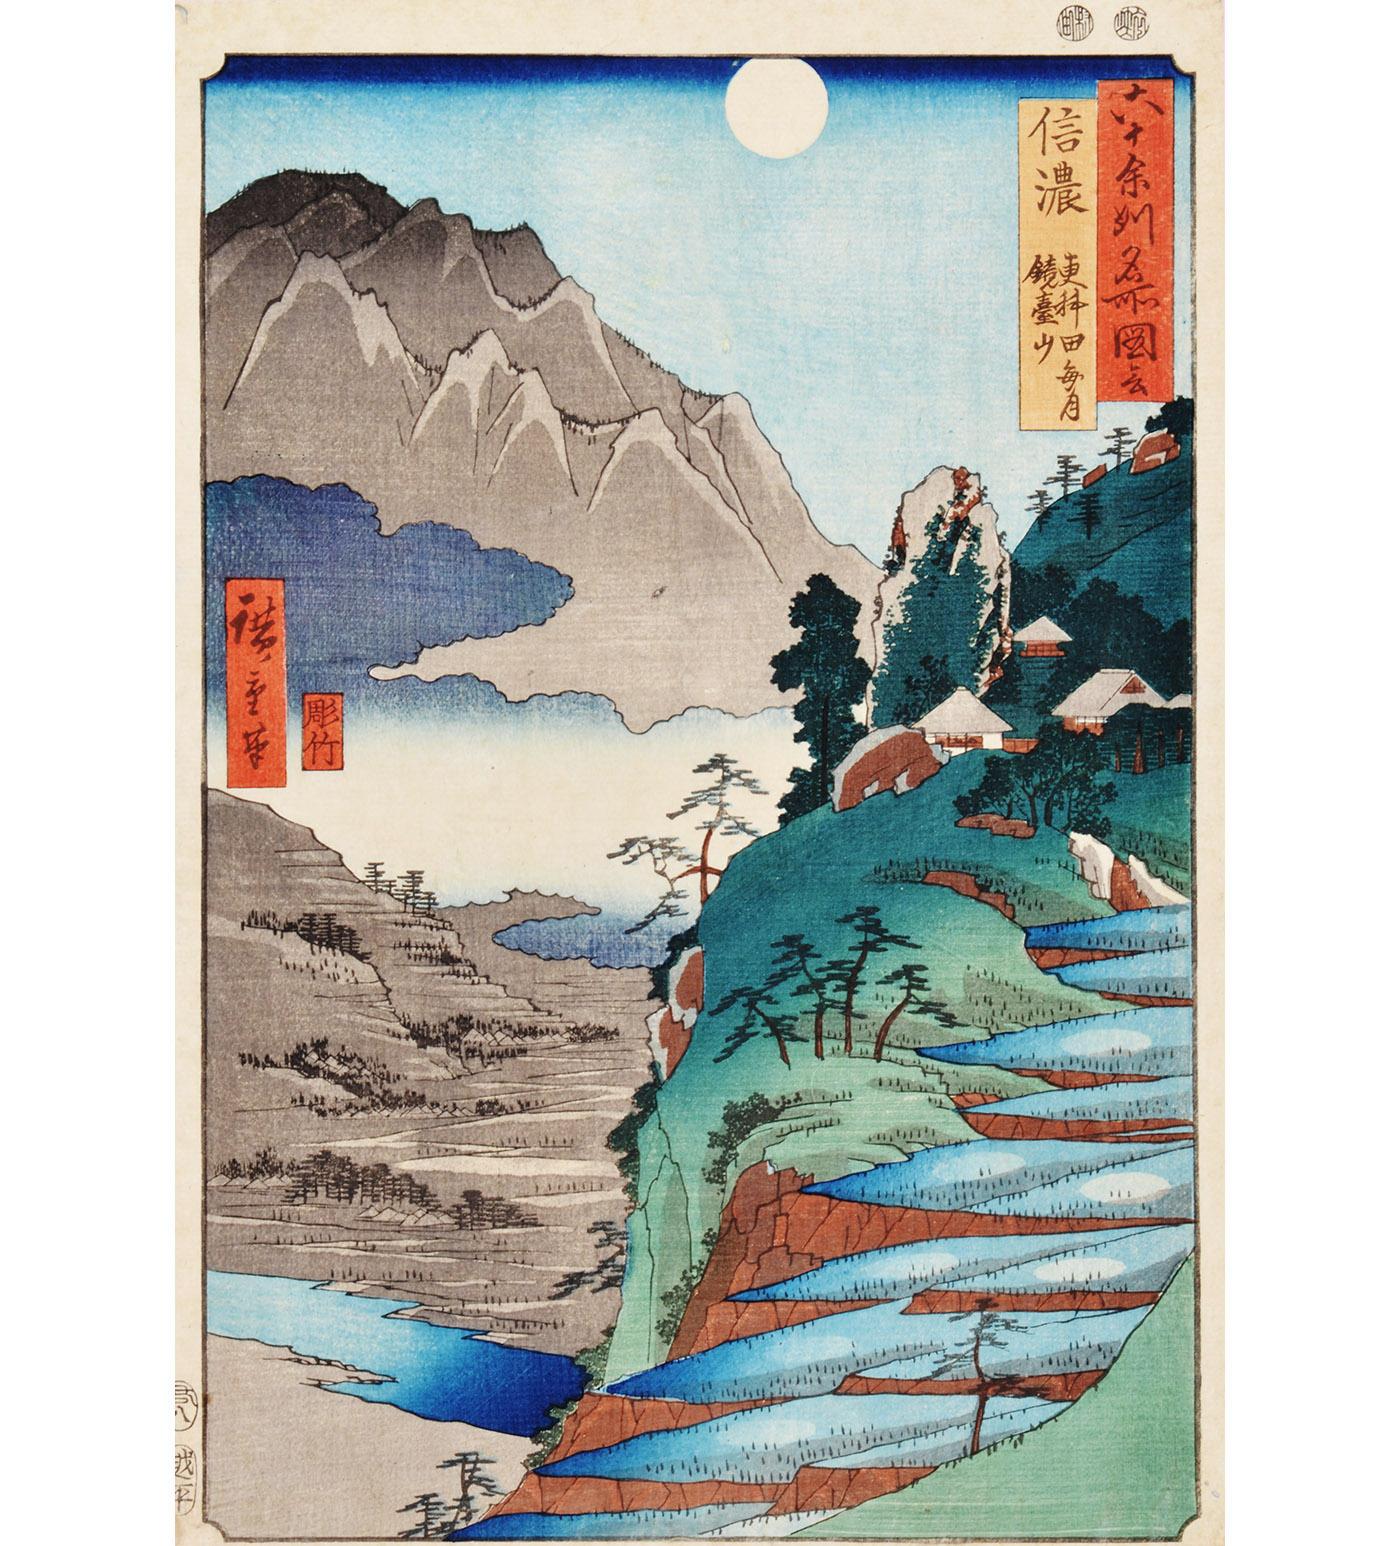 歌川広重作 浮世絵「信濃更科田毎月鏡台山」